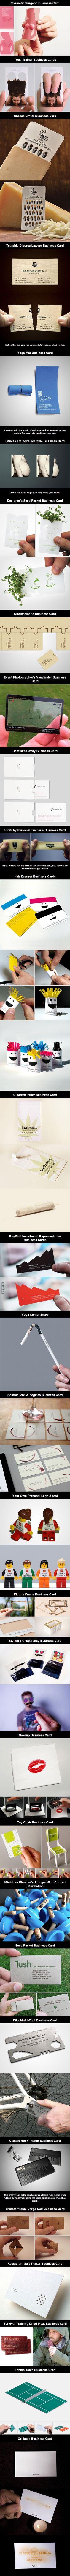 Algunos ejemplos de como con una tarjeta de visita puede hacerse una #publicidadcreativa ¡Feliz miércoles!